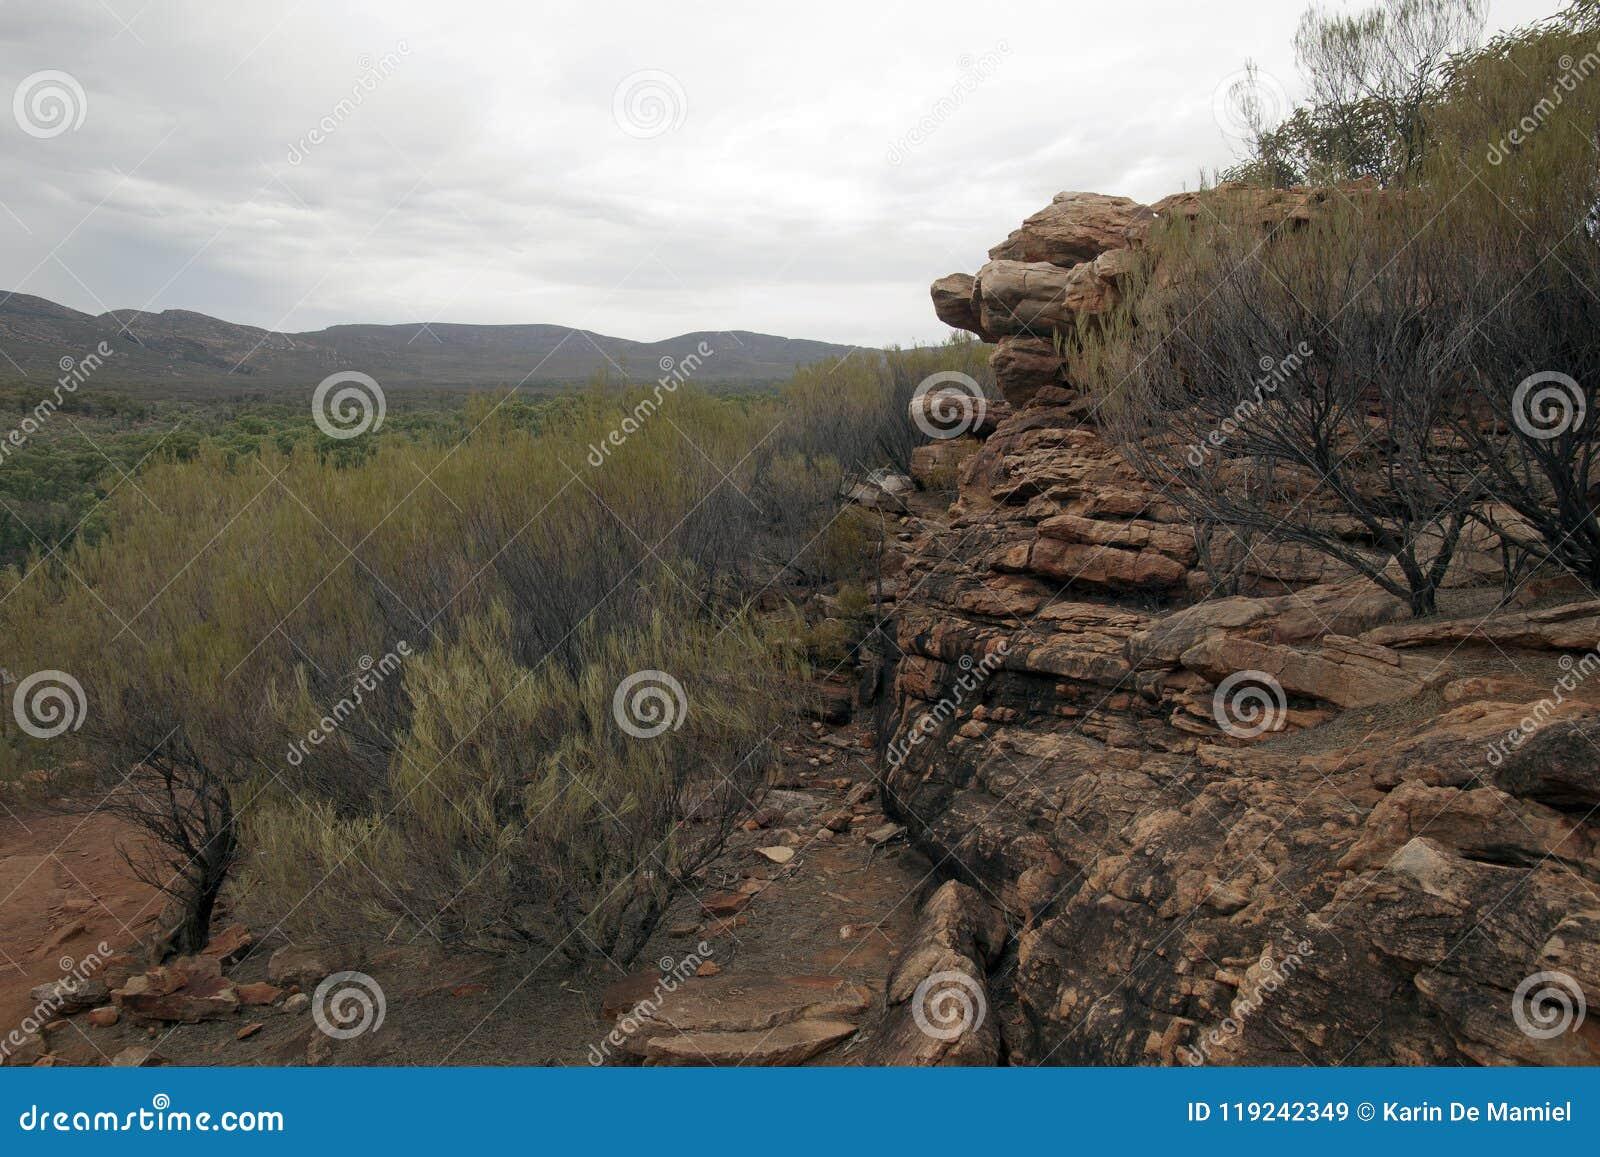 Vista panorámica del afloramiento rocoso de la libra en primero plano